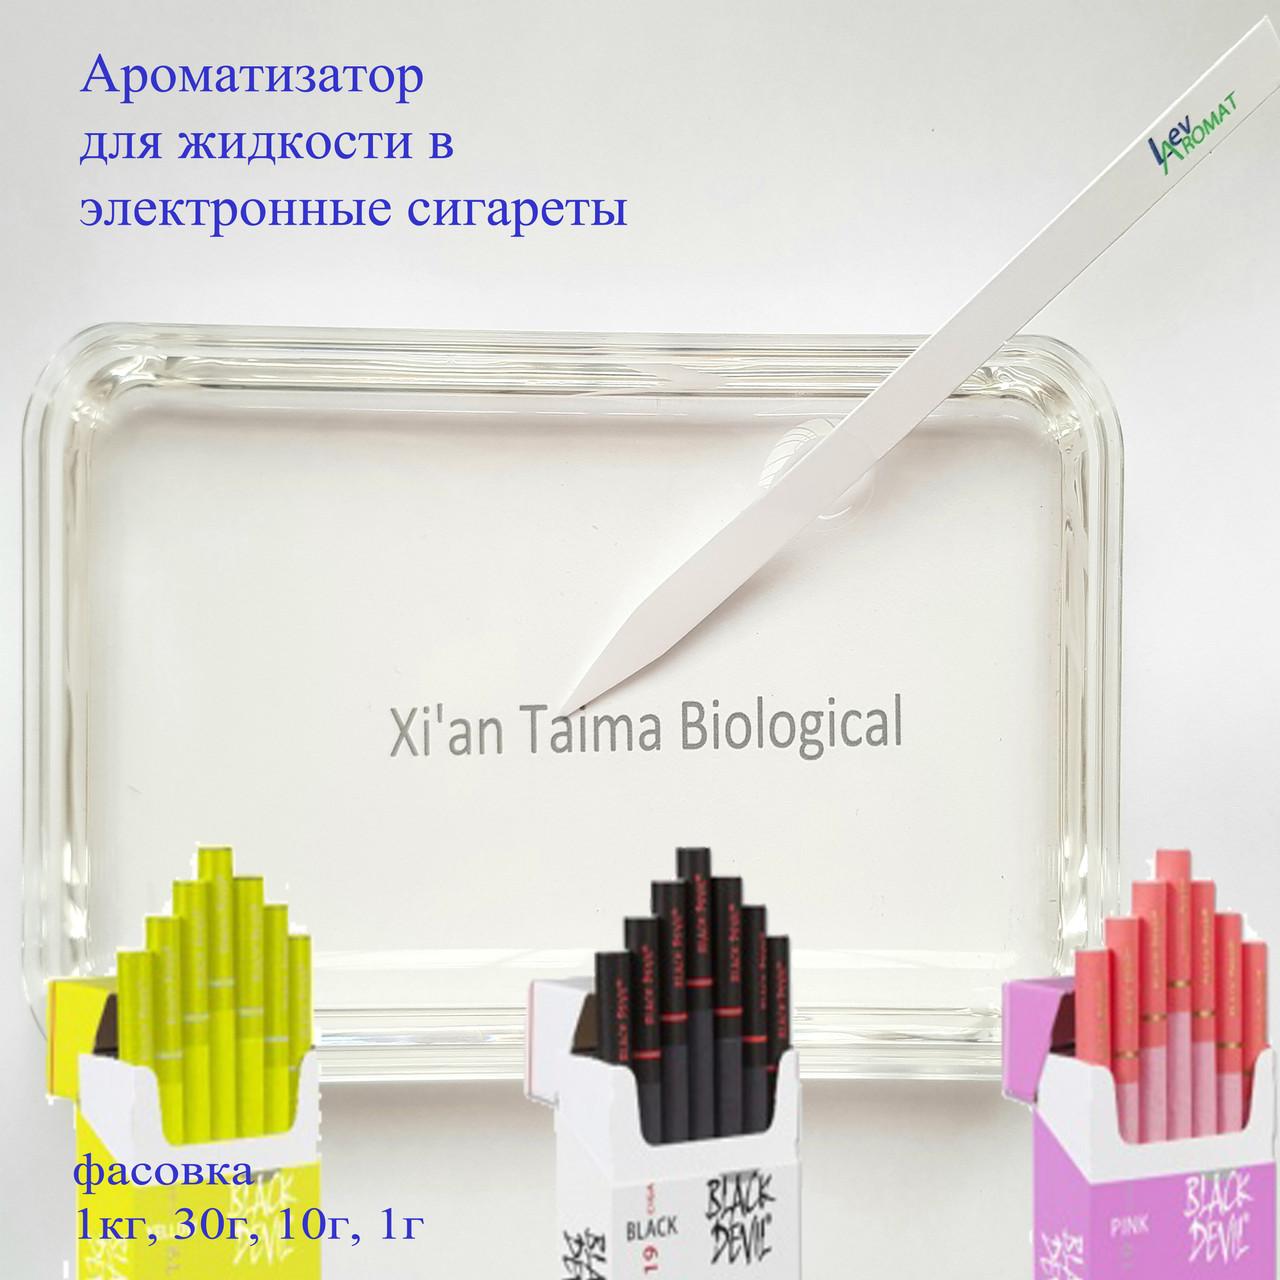 Сигареты black заказать реферат по табачным изделиям